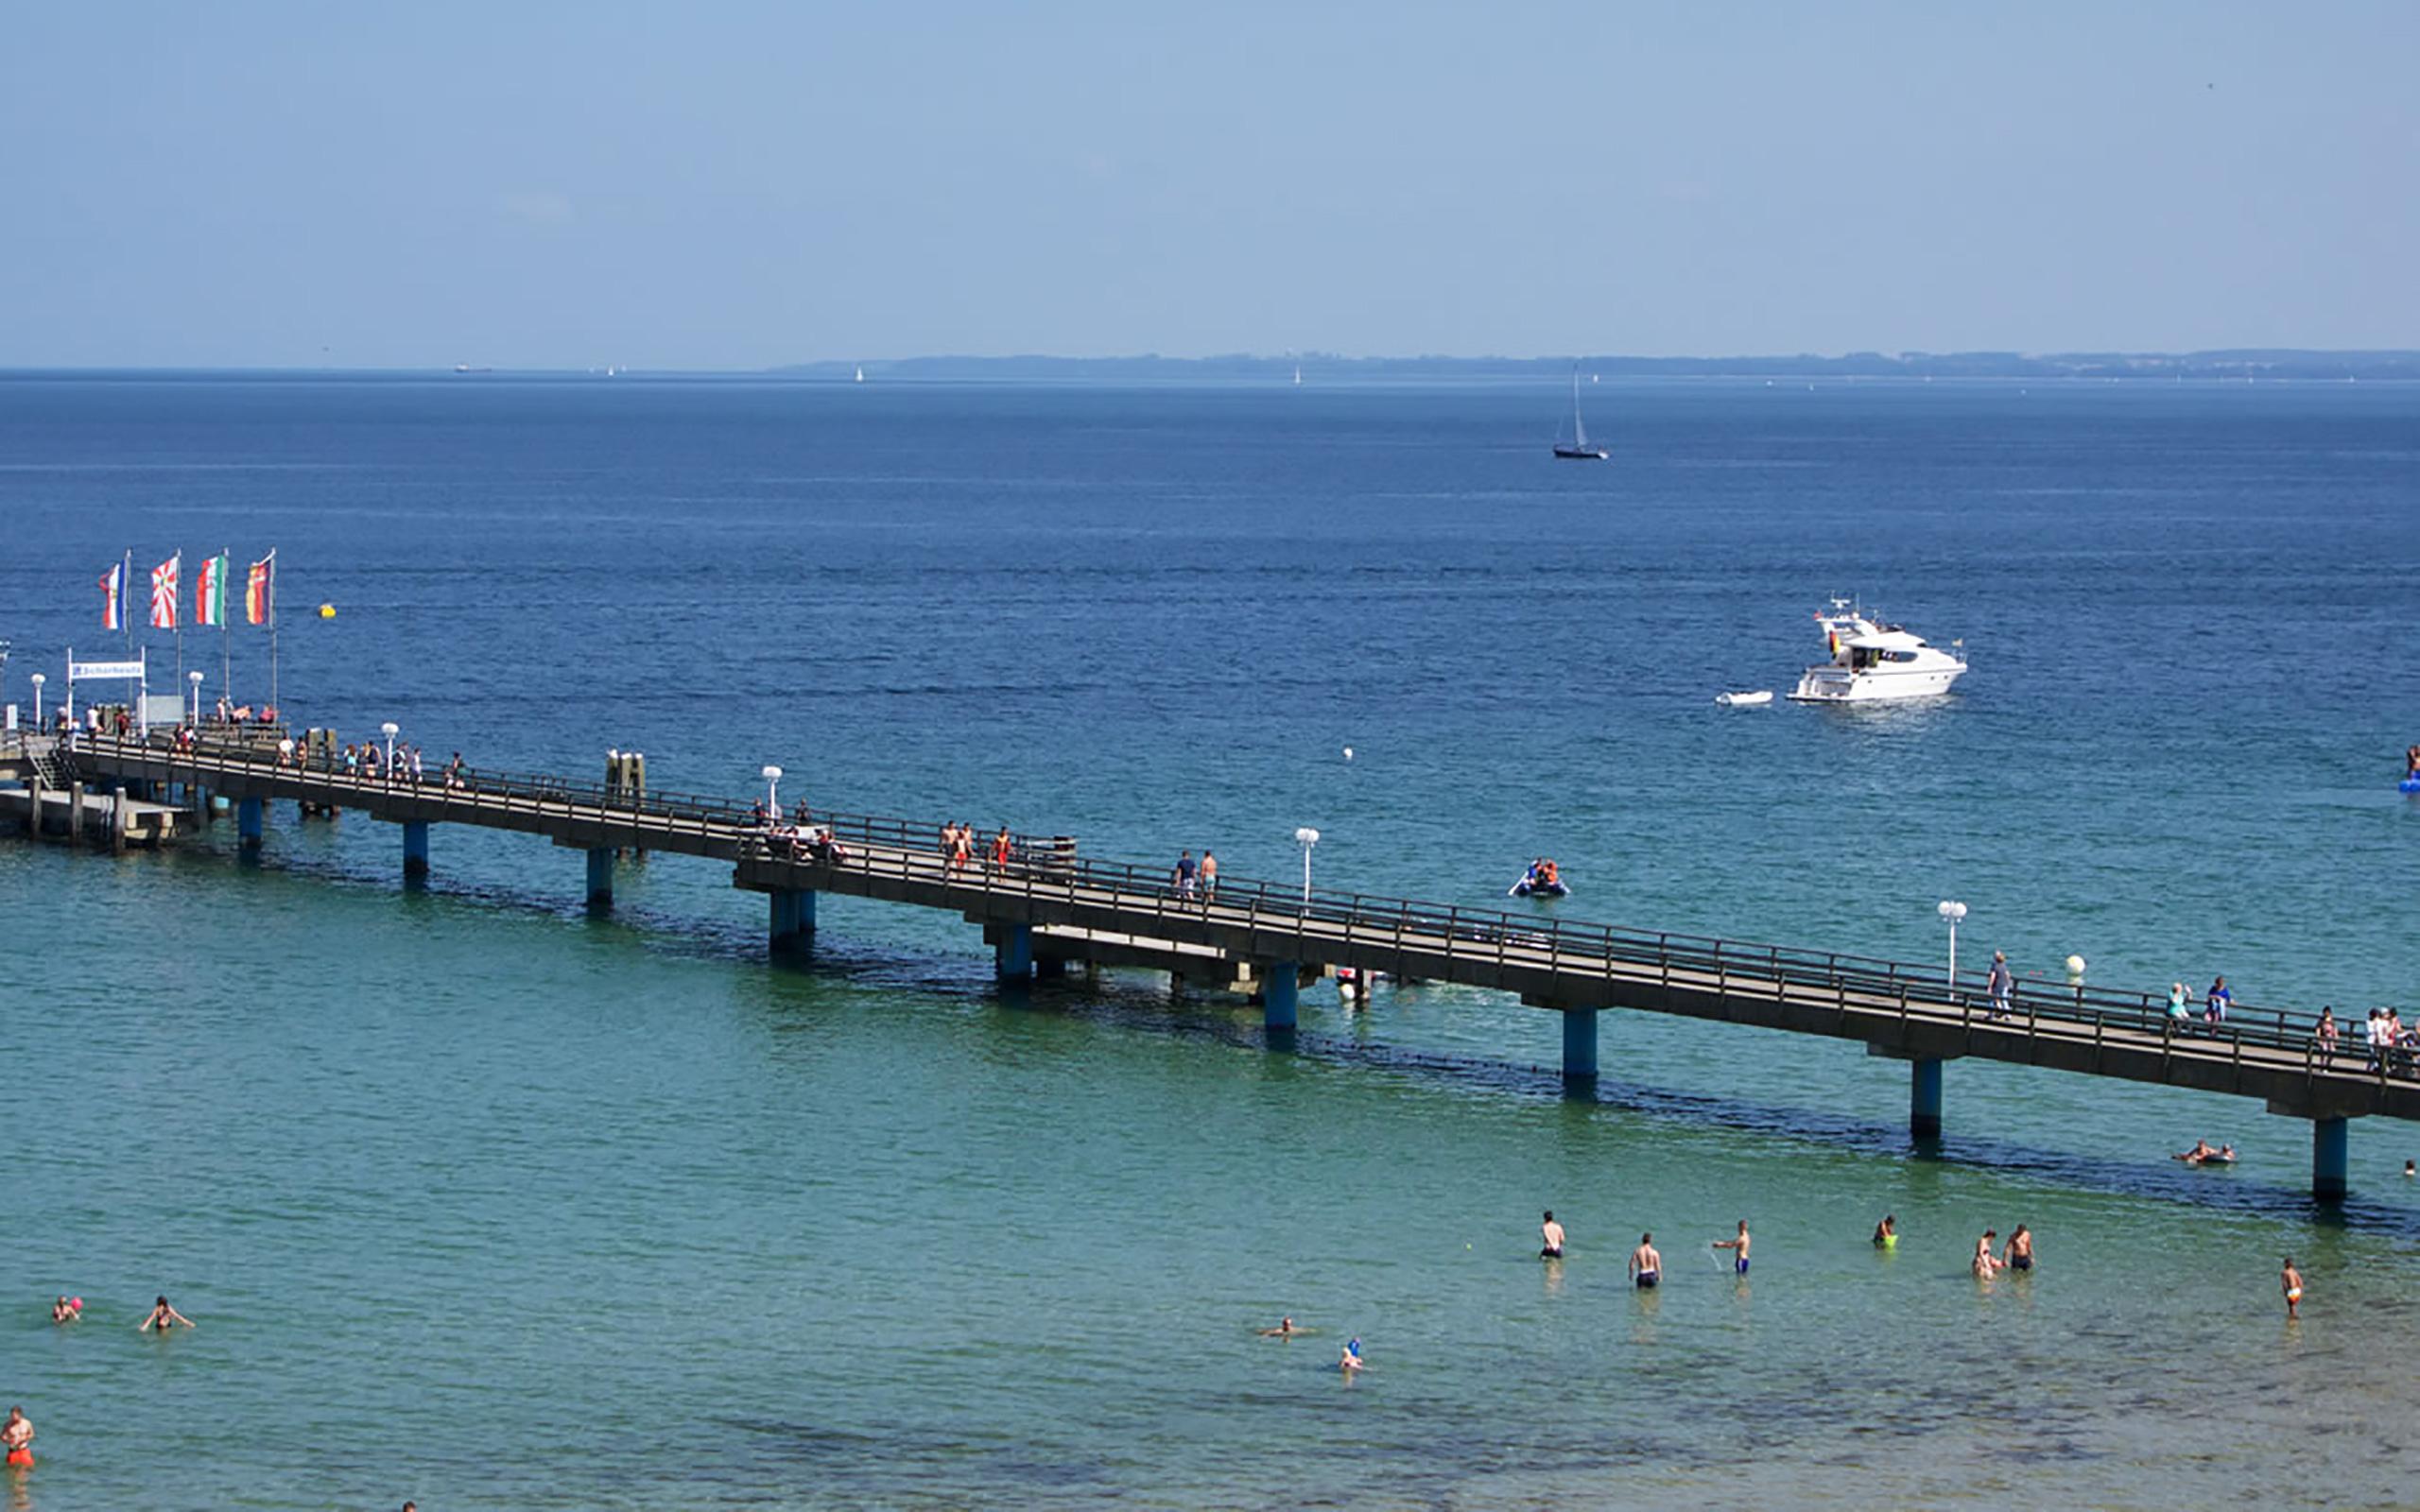 Seebrücke in Scharbeutz